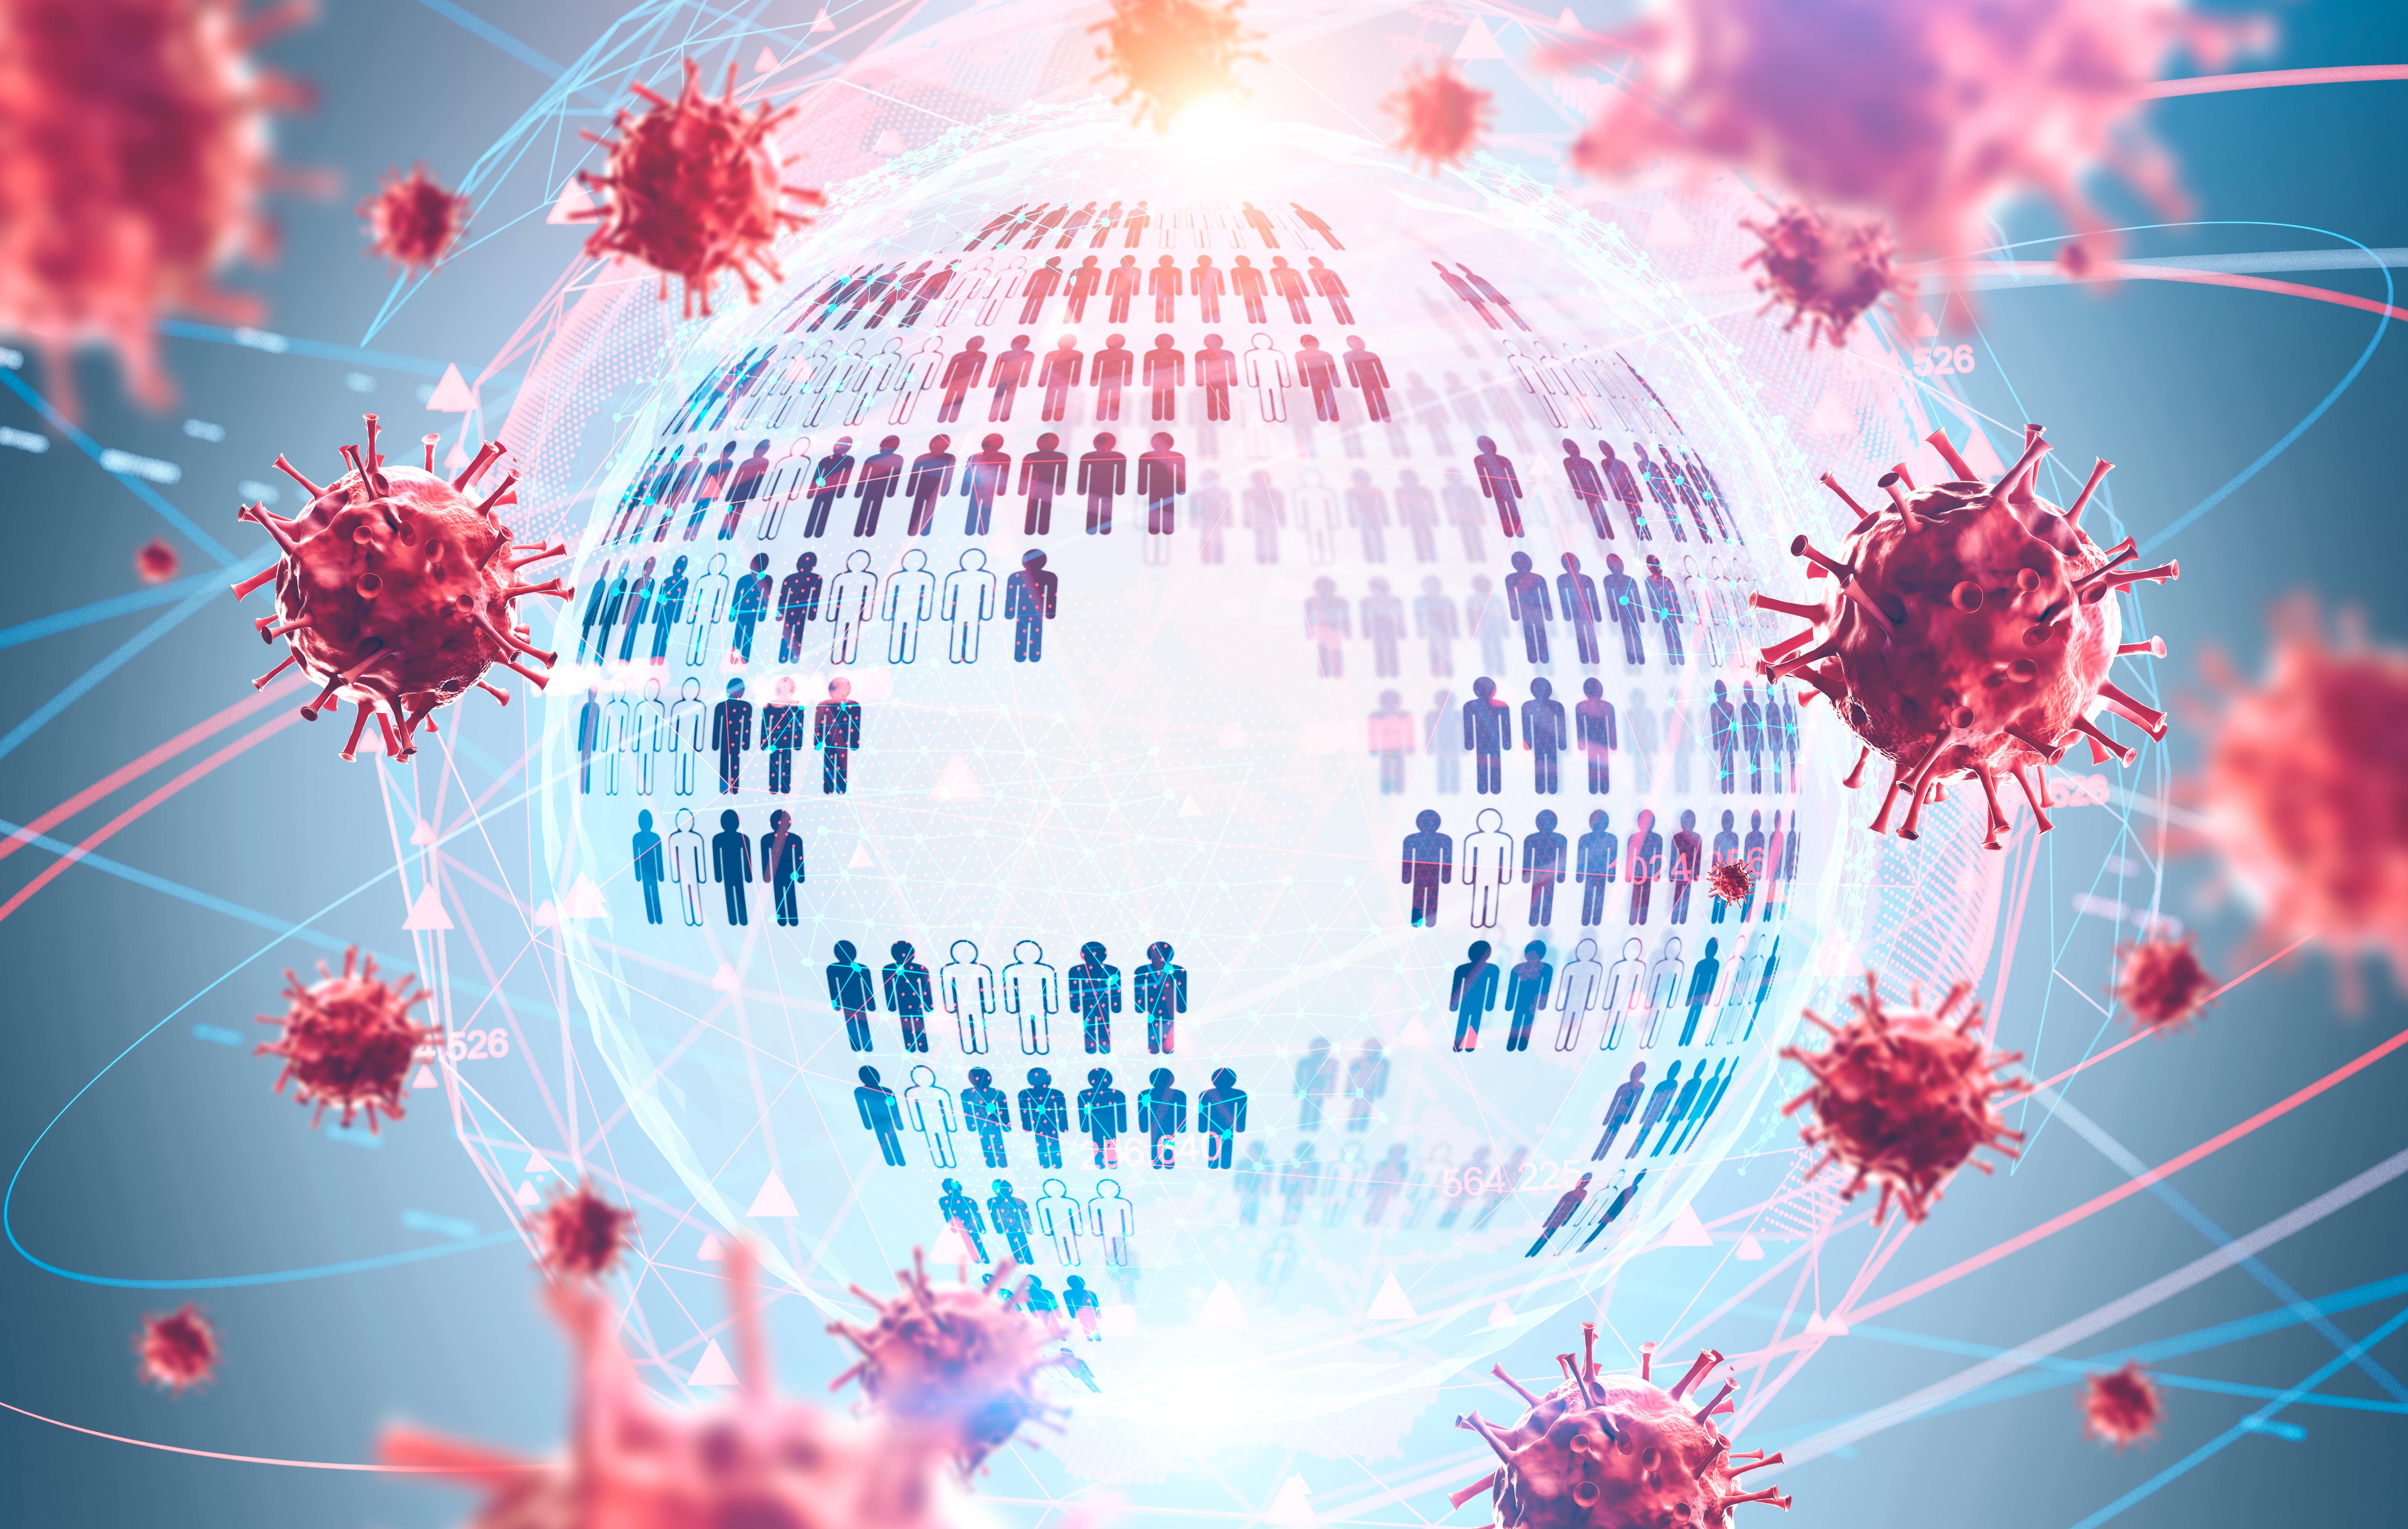 Les dernières statistiques mondiales annoncent près de 32 millions de cas et près d'1 million de décès associés au COVID-19, mais cette estimation est-elle représentative de l'effet réel du COVID sur la mortalité ? (Visuel Adobe Stock 333864843)